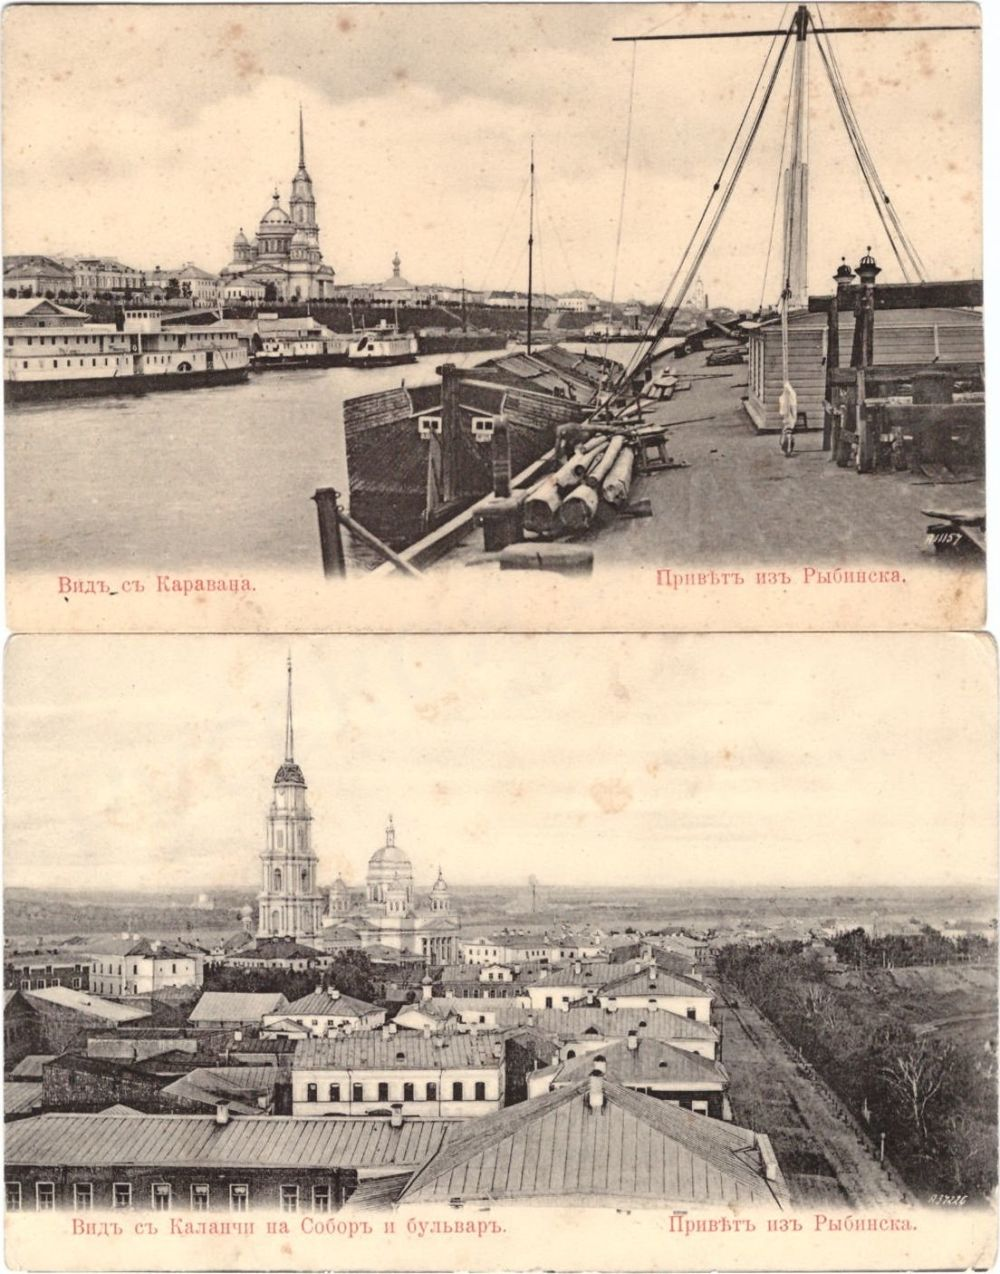 Субботним, рыбинск в старинных открытках